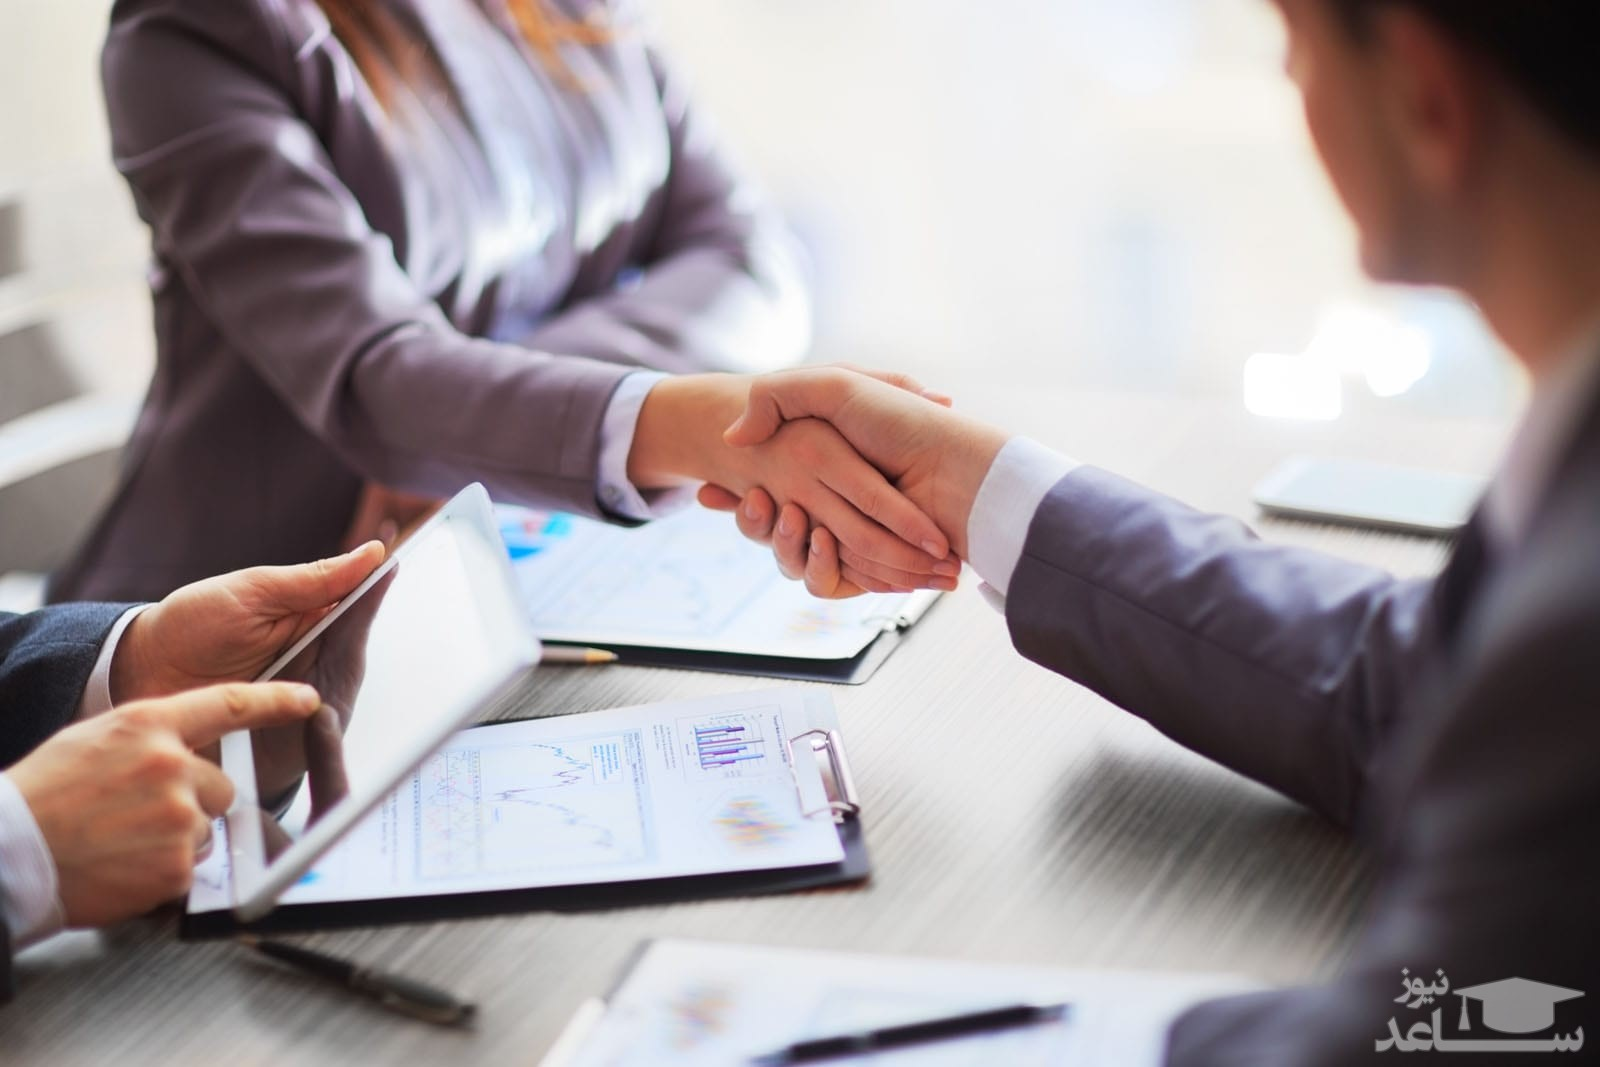 مشاوران سرمایه گذاری در بورس چه کسانی هستند